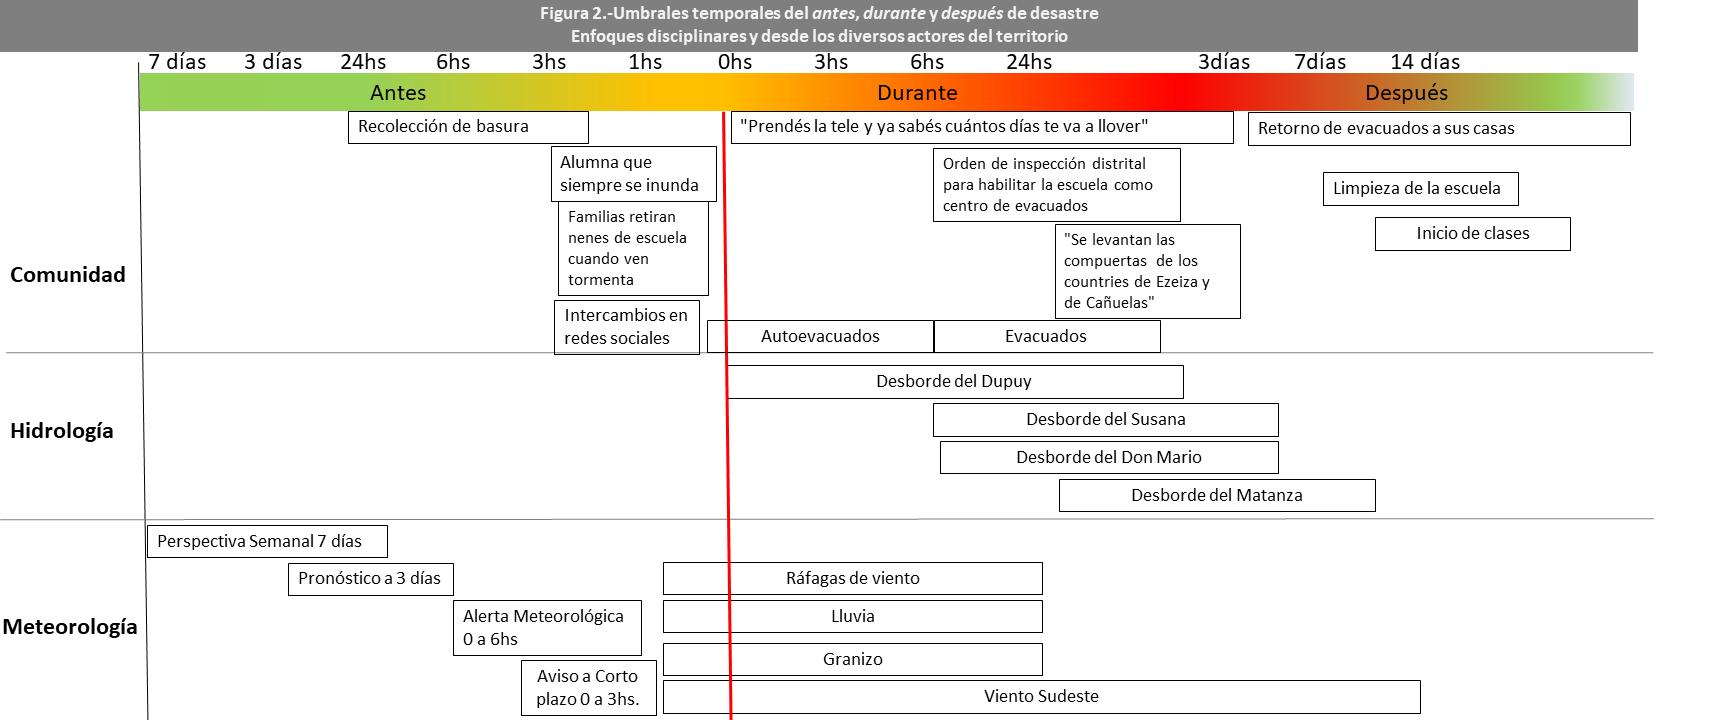 umbrales_grafico_figura2